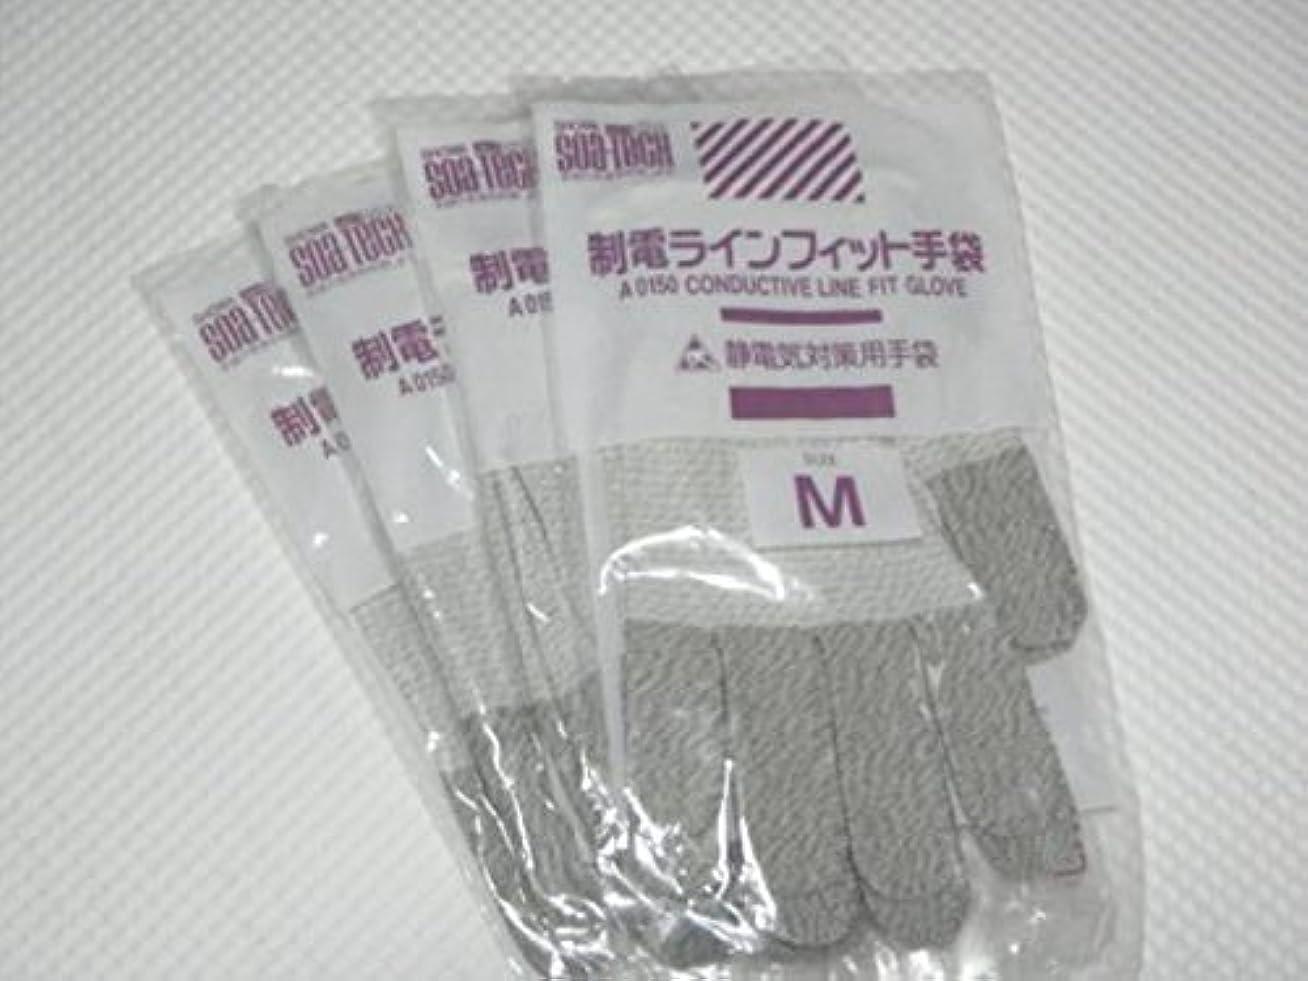 愛されし者宿ボーナスショーワグローブ 制電ラインフィット手袋 Mサイズ A0150-M②